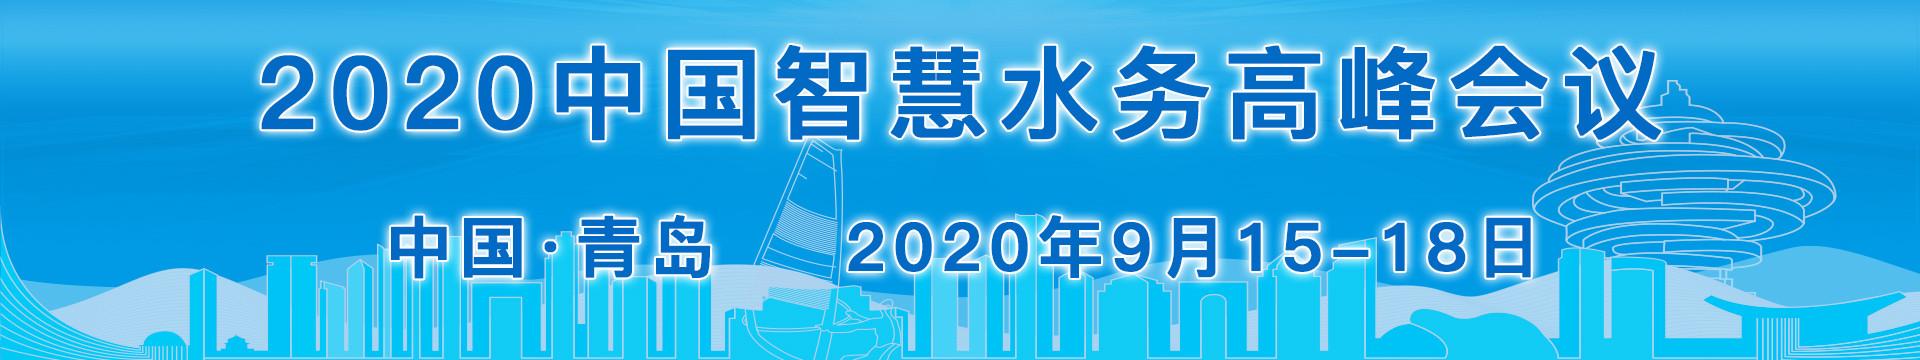 2020年智慧水务高峰会议—2020年青岛国际水大会分论坛